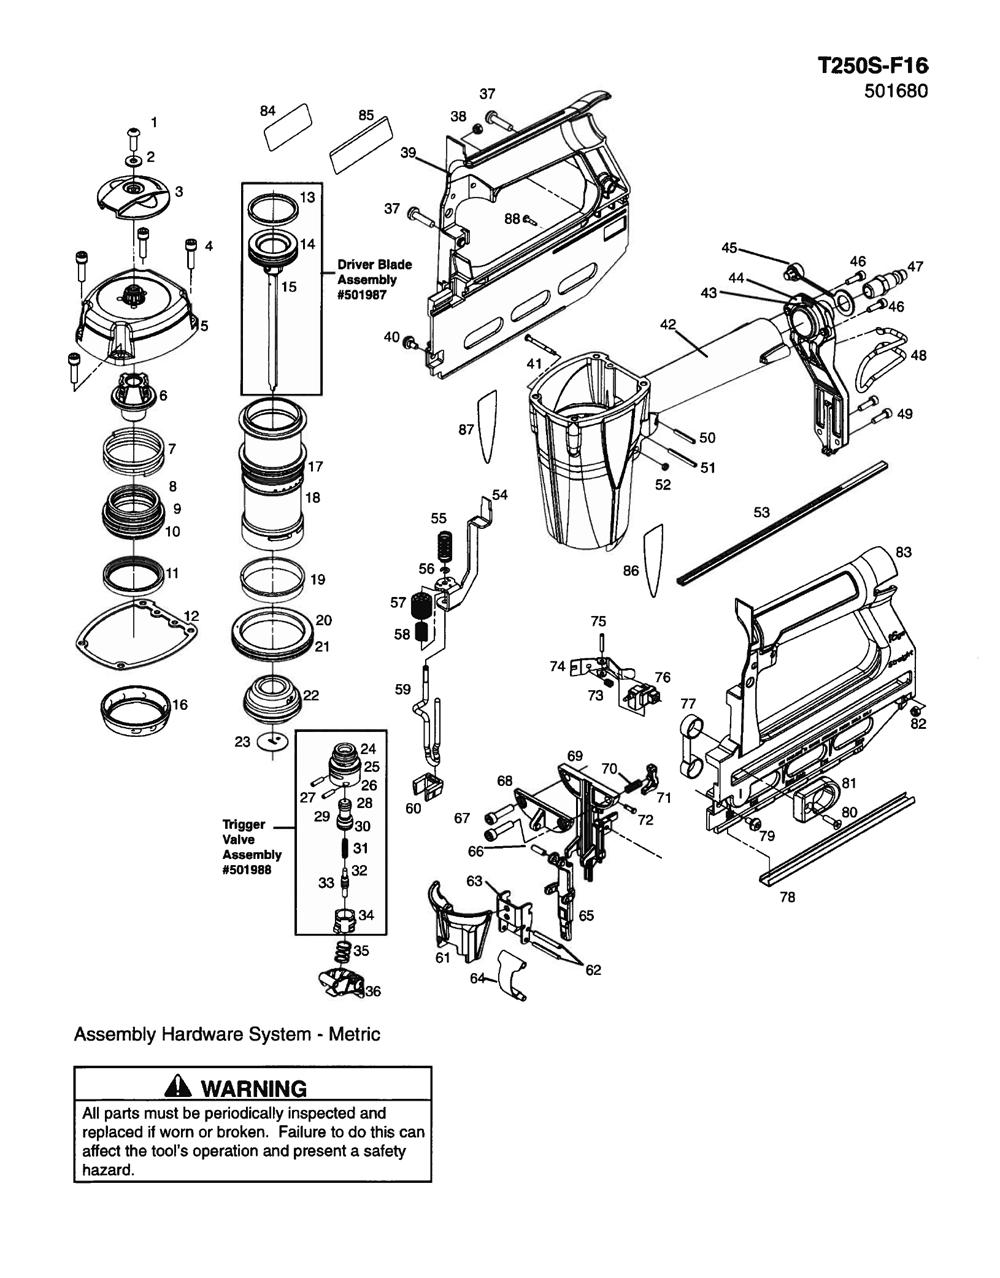 Paslode Nail Gun Parts Diagram - Electrical Work Wiring Diagram •